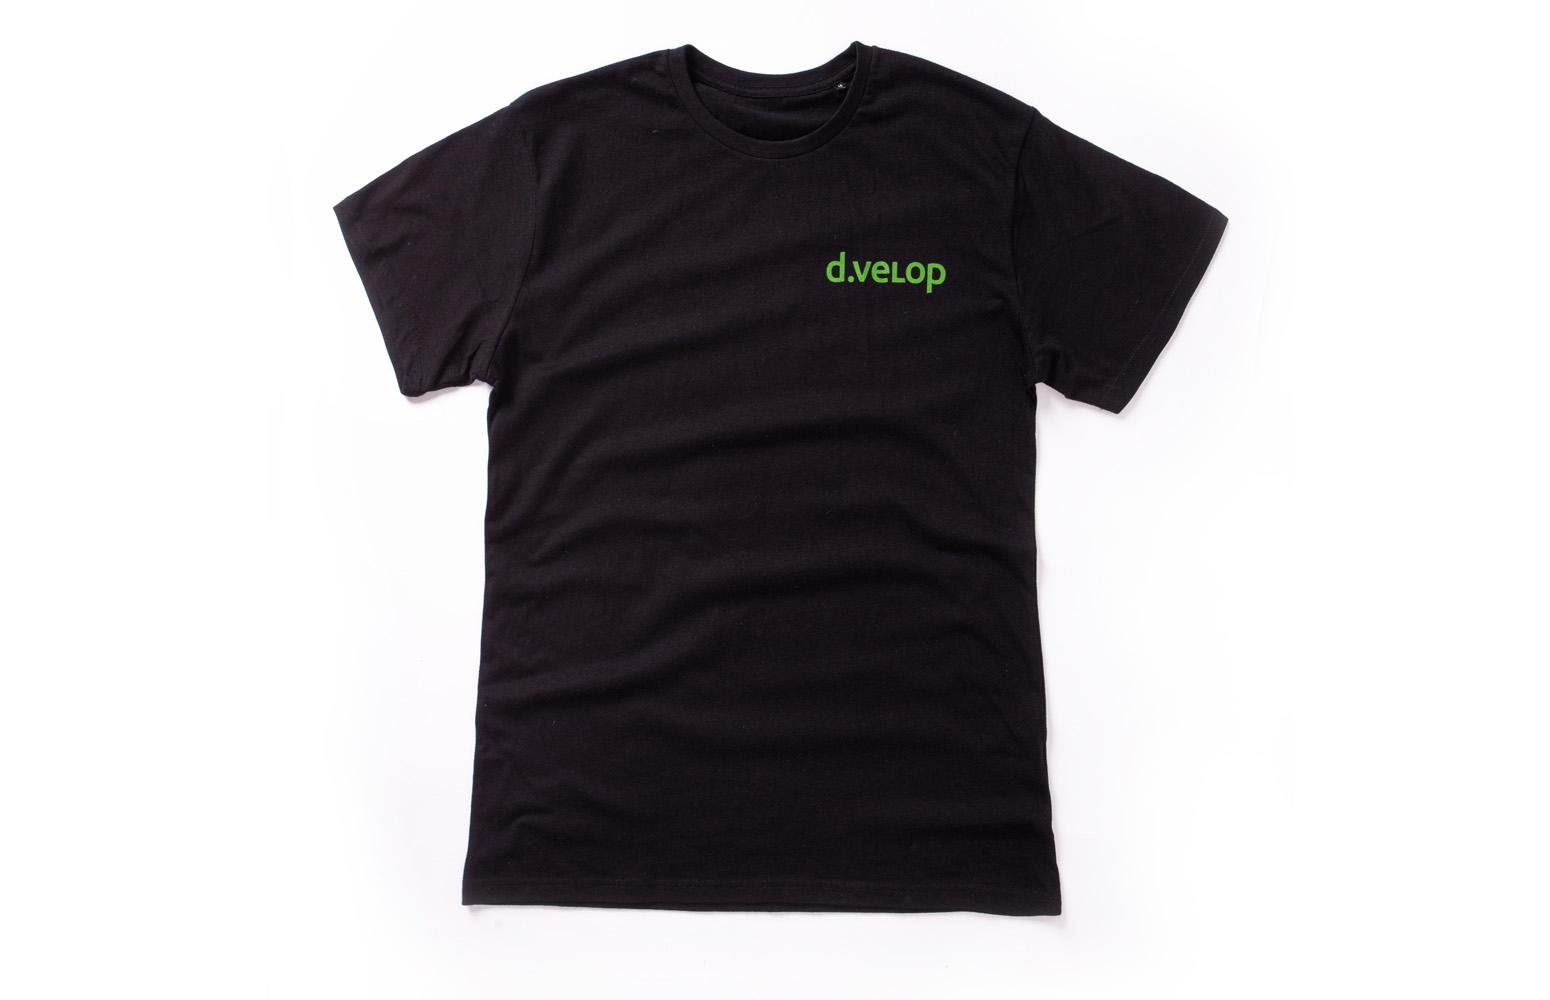 d.velop Herren T-Shirt